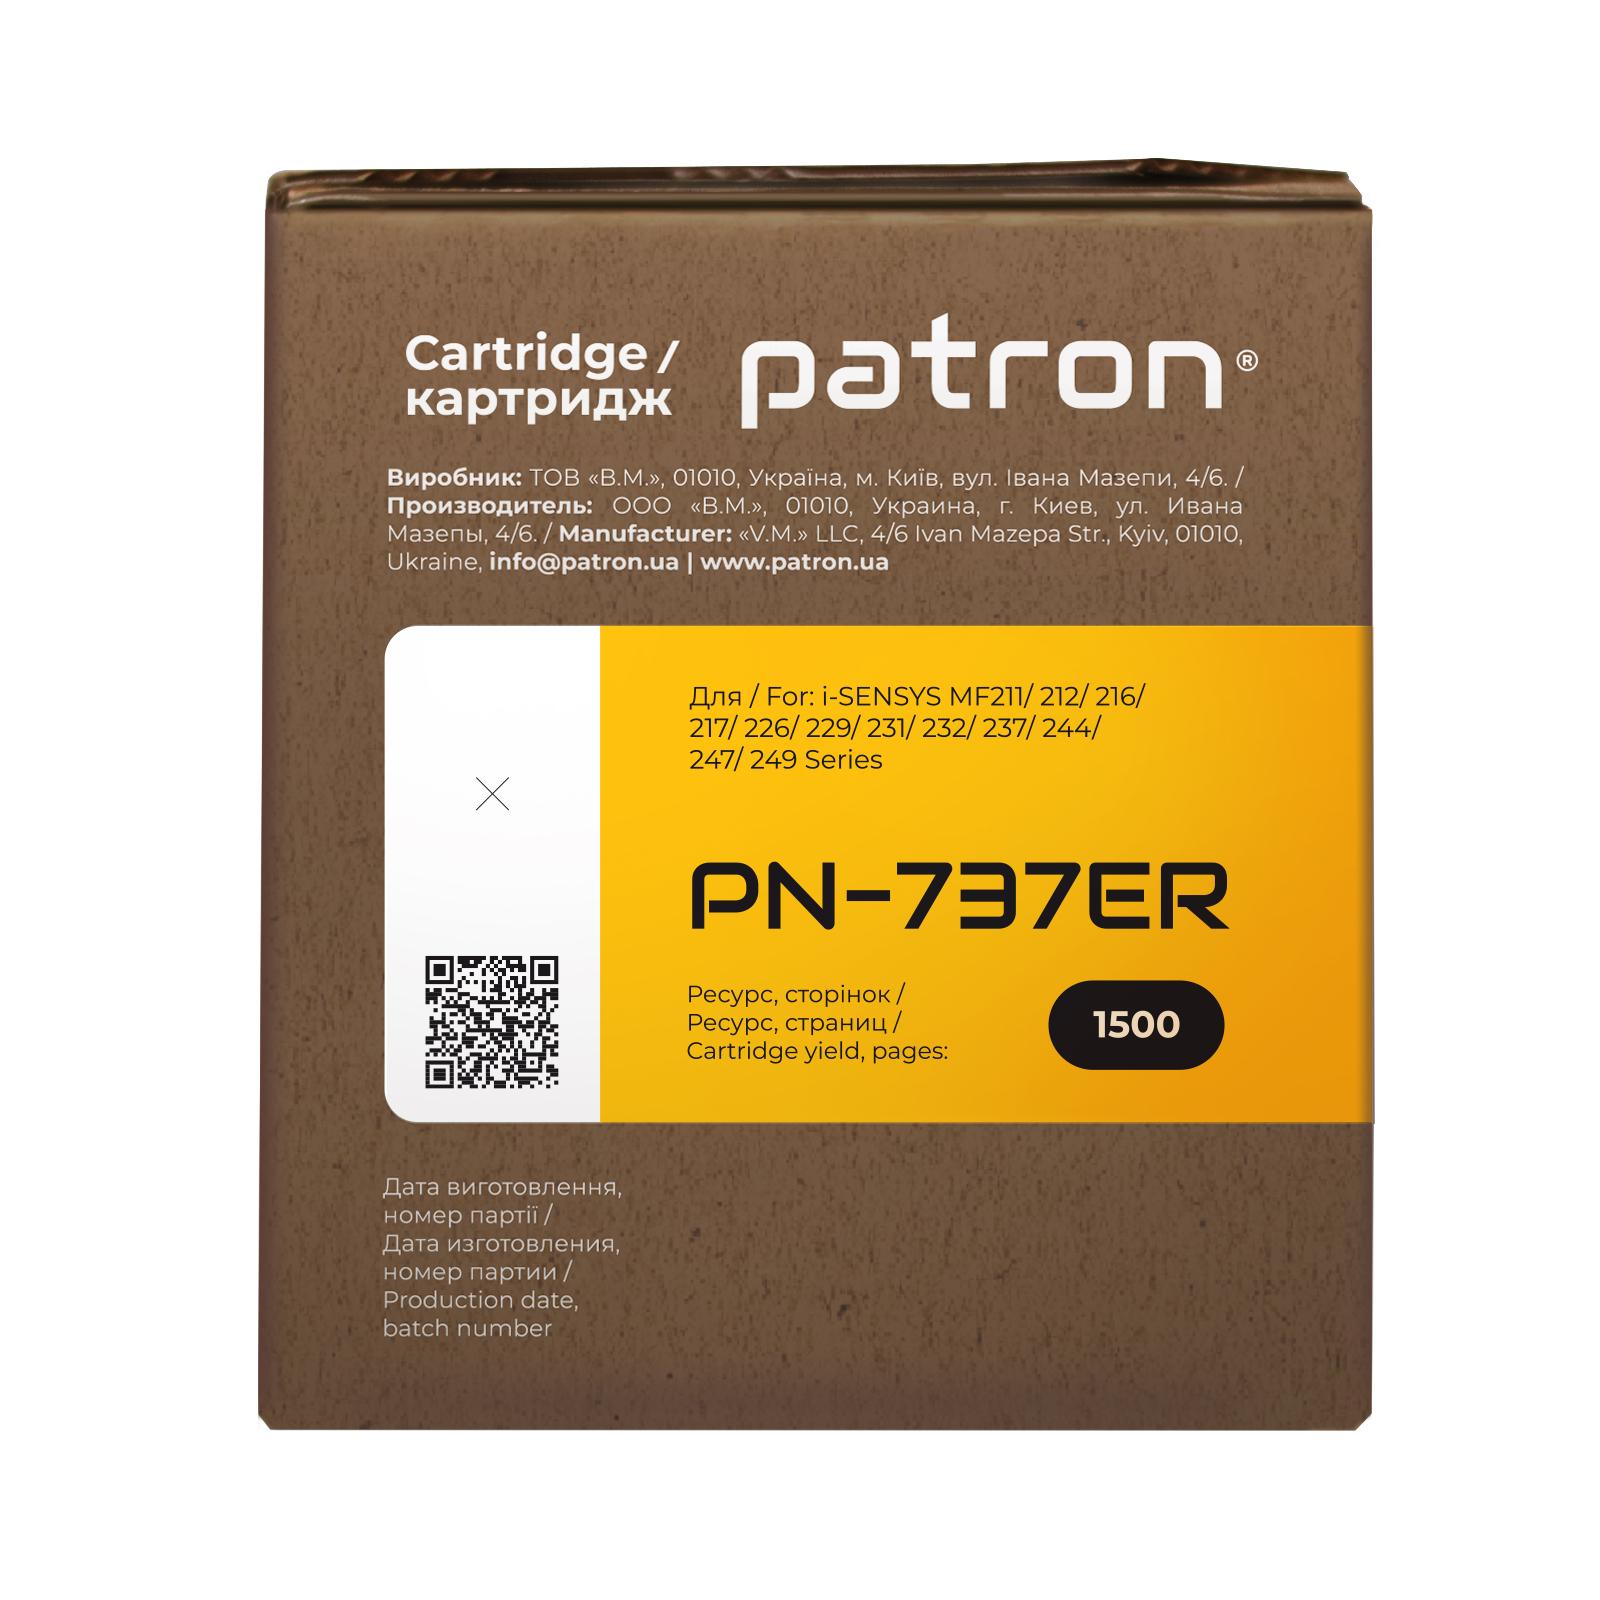 Картридж Patron CANON 737 Extra (PN-737ER) изображение 3